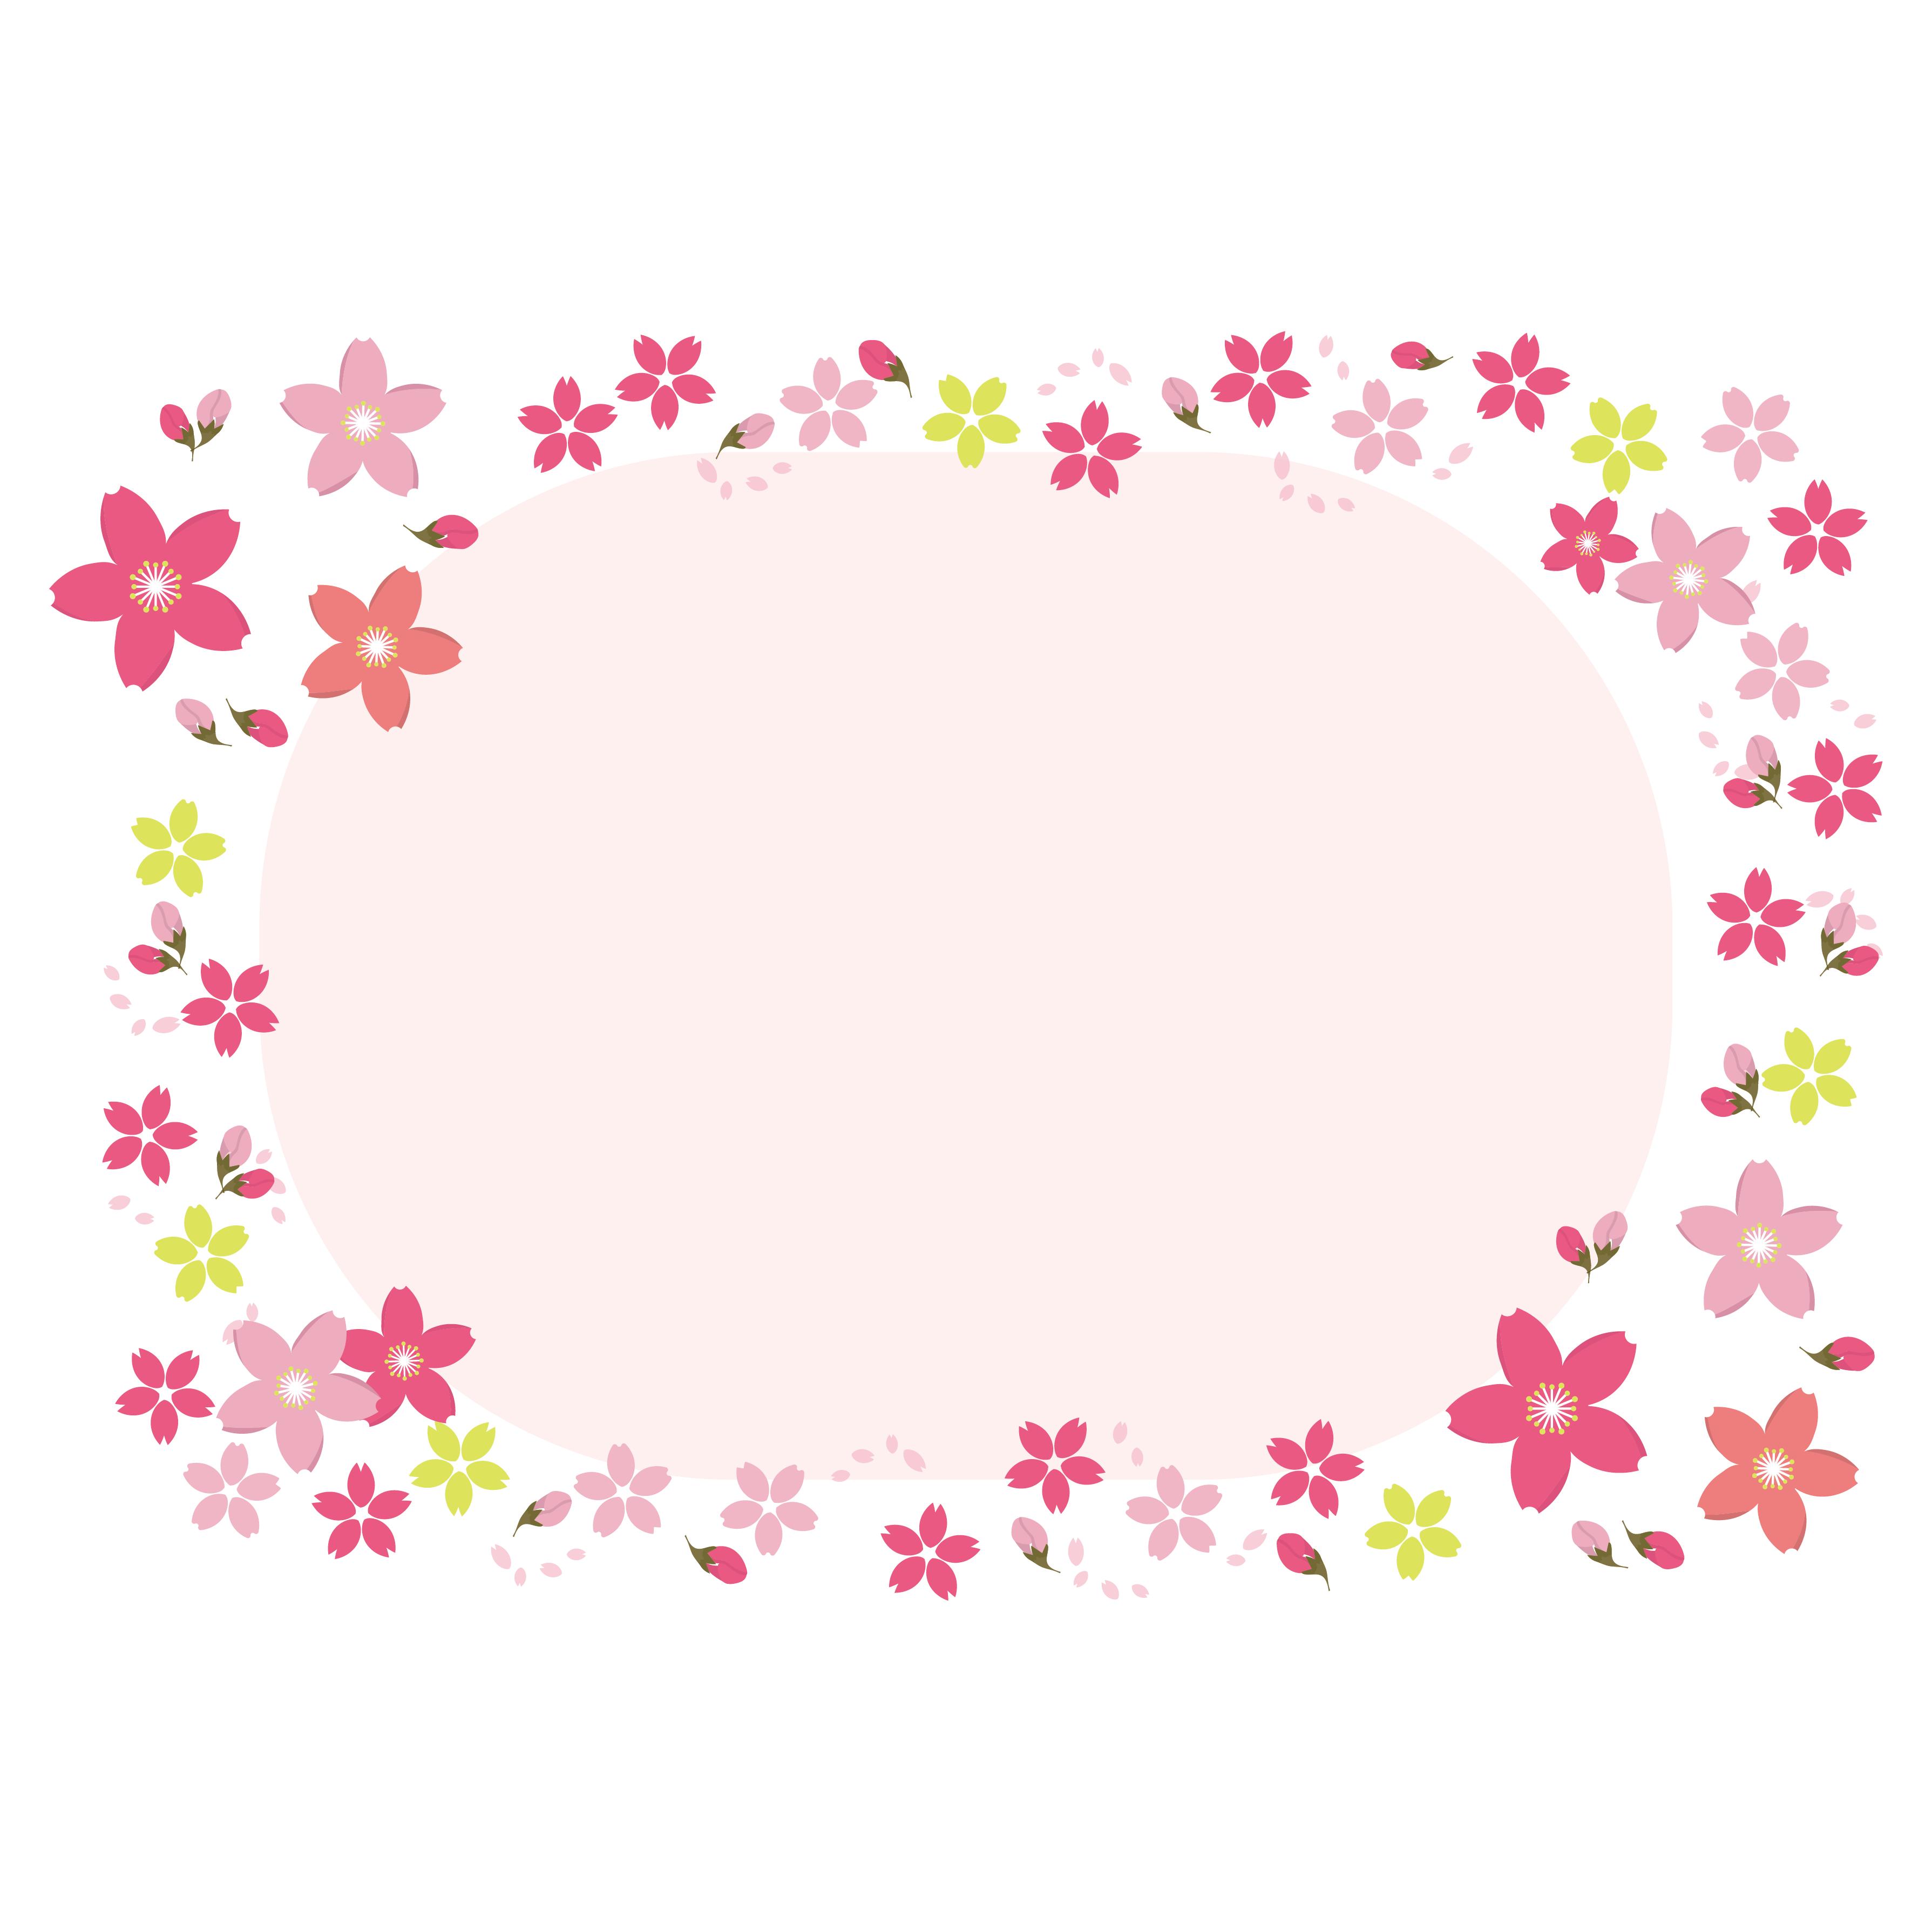 桜(さくら)のカラフルフレーム イラスト | 商用フリー(無料)の